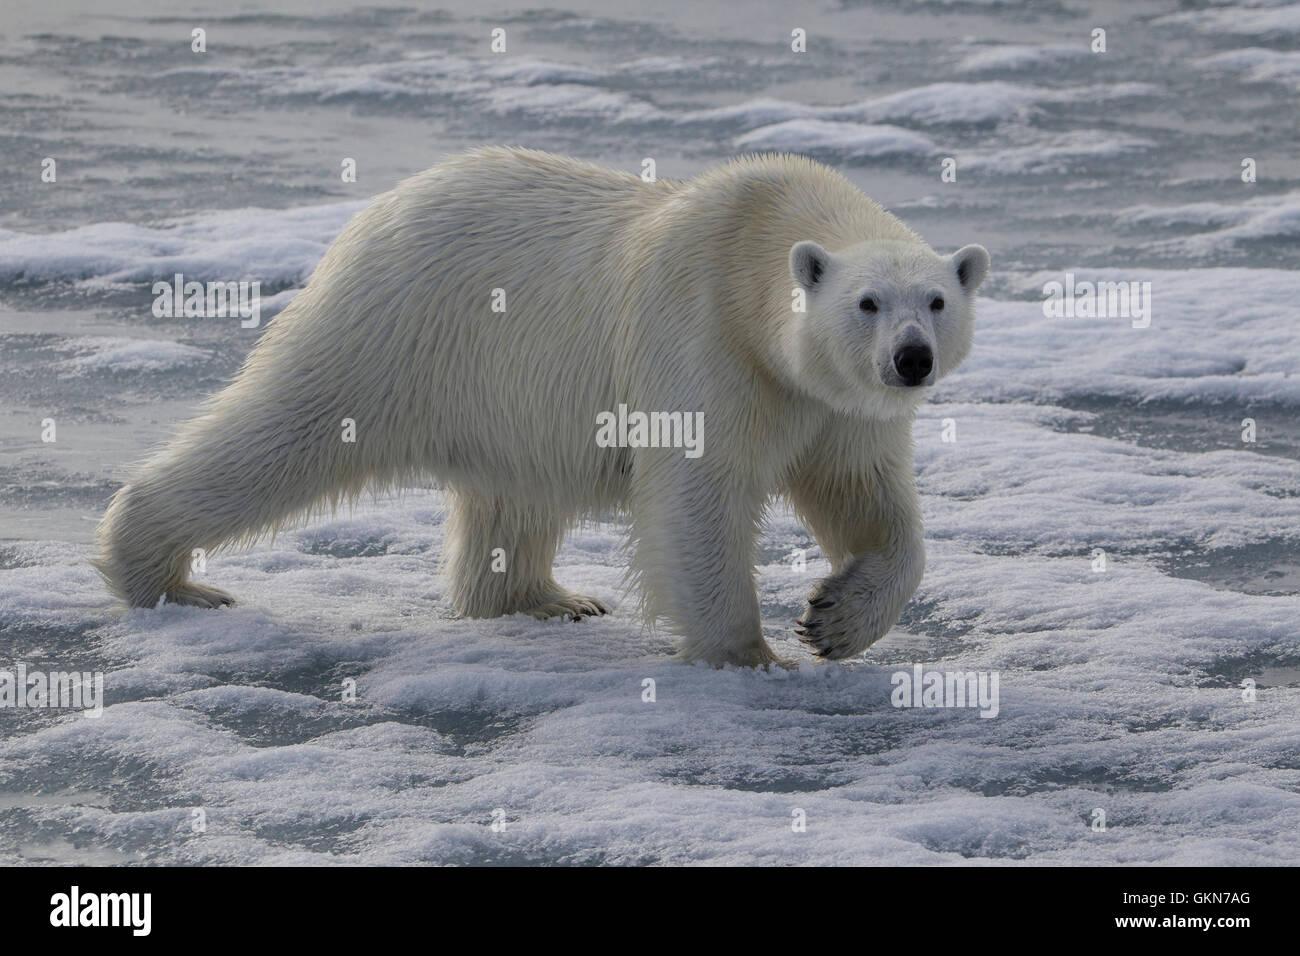 L'ours blanc, Ursus maritimus, promenades à travers la glace, Svalbard, de l'Arctique. Photo Stock